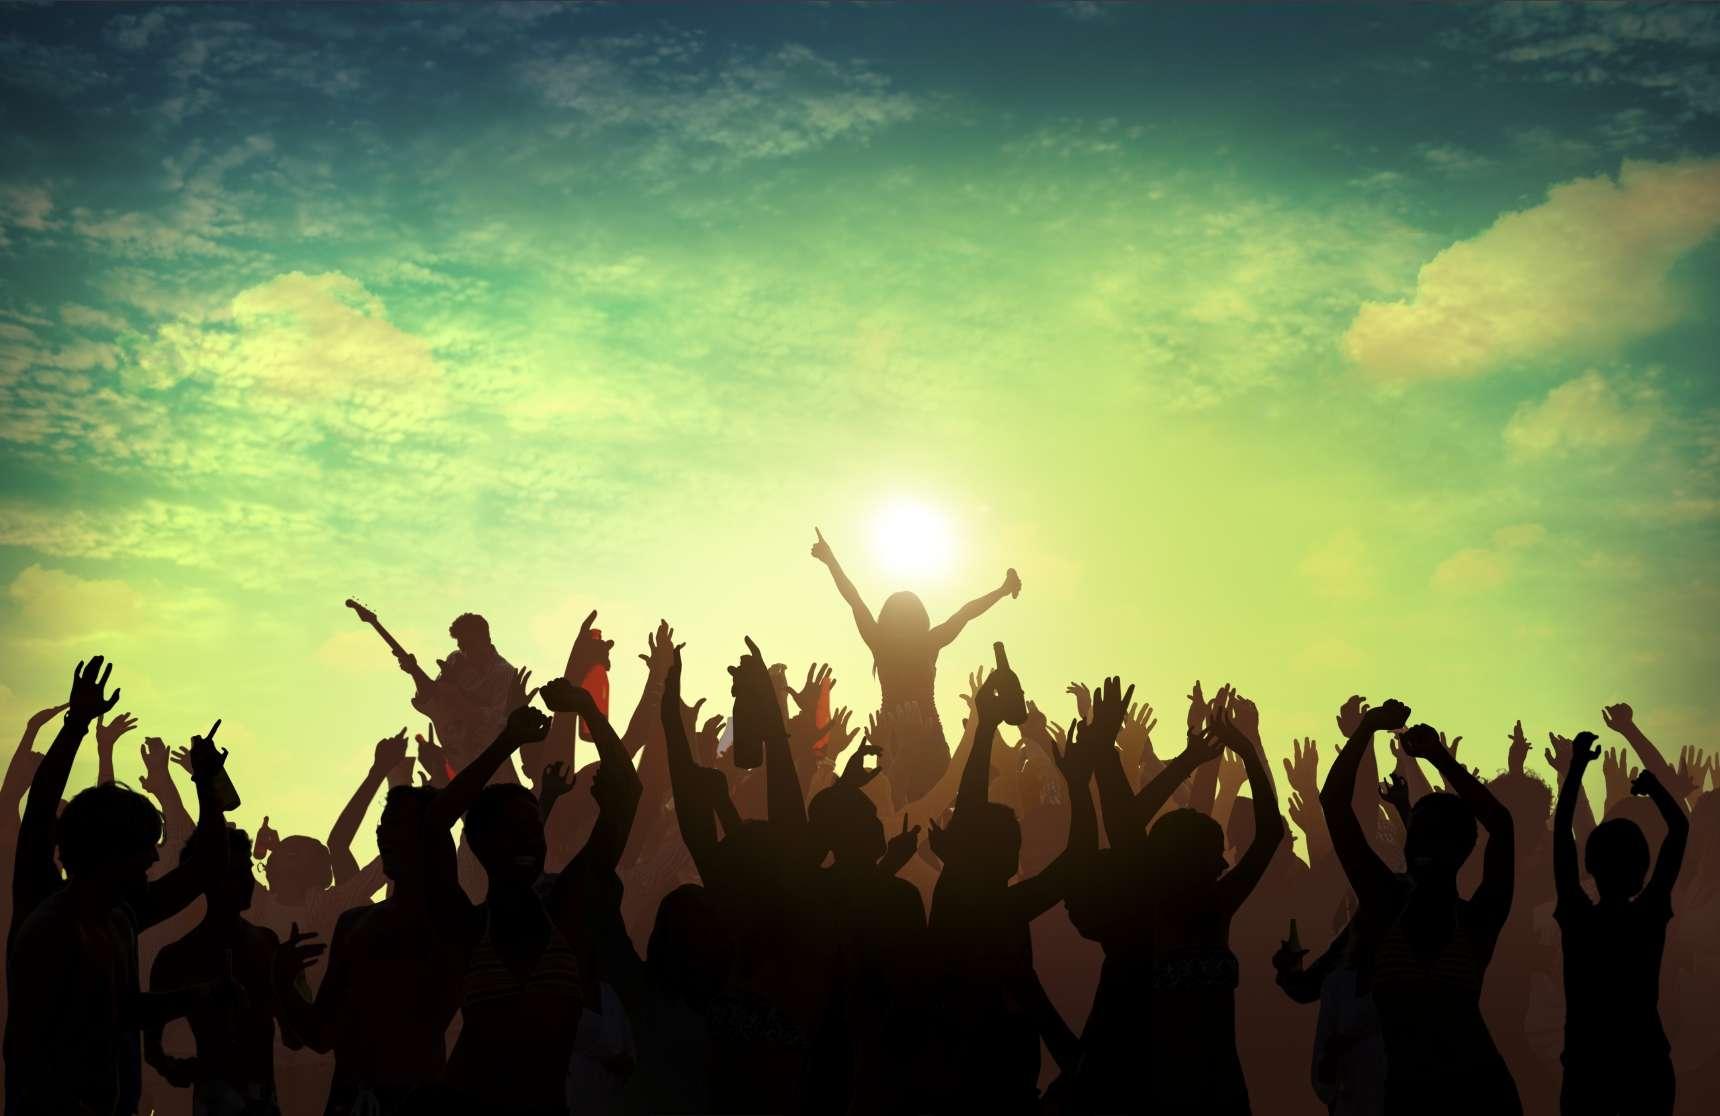 Beach Summer Music Concert Outdoors Recreational Pursuit Concept